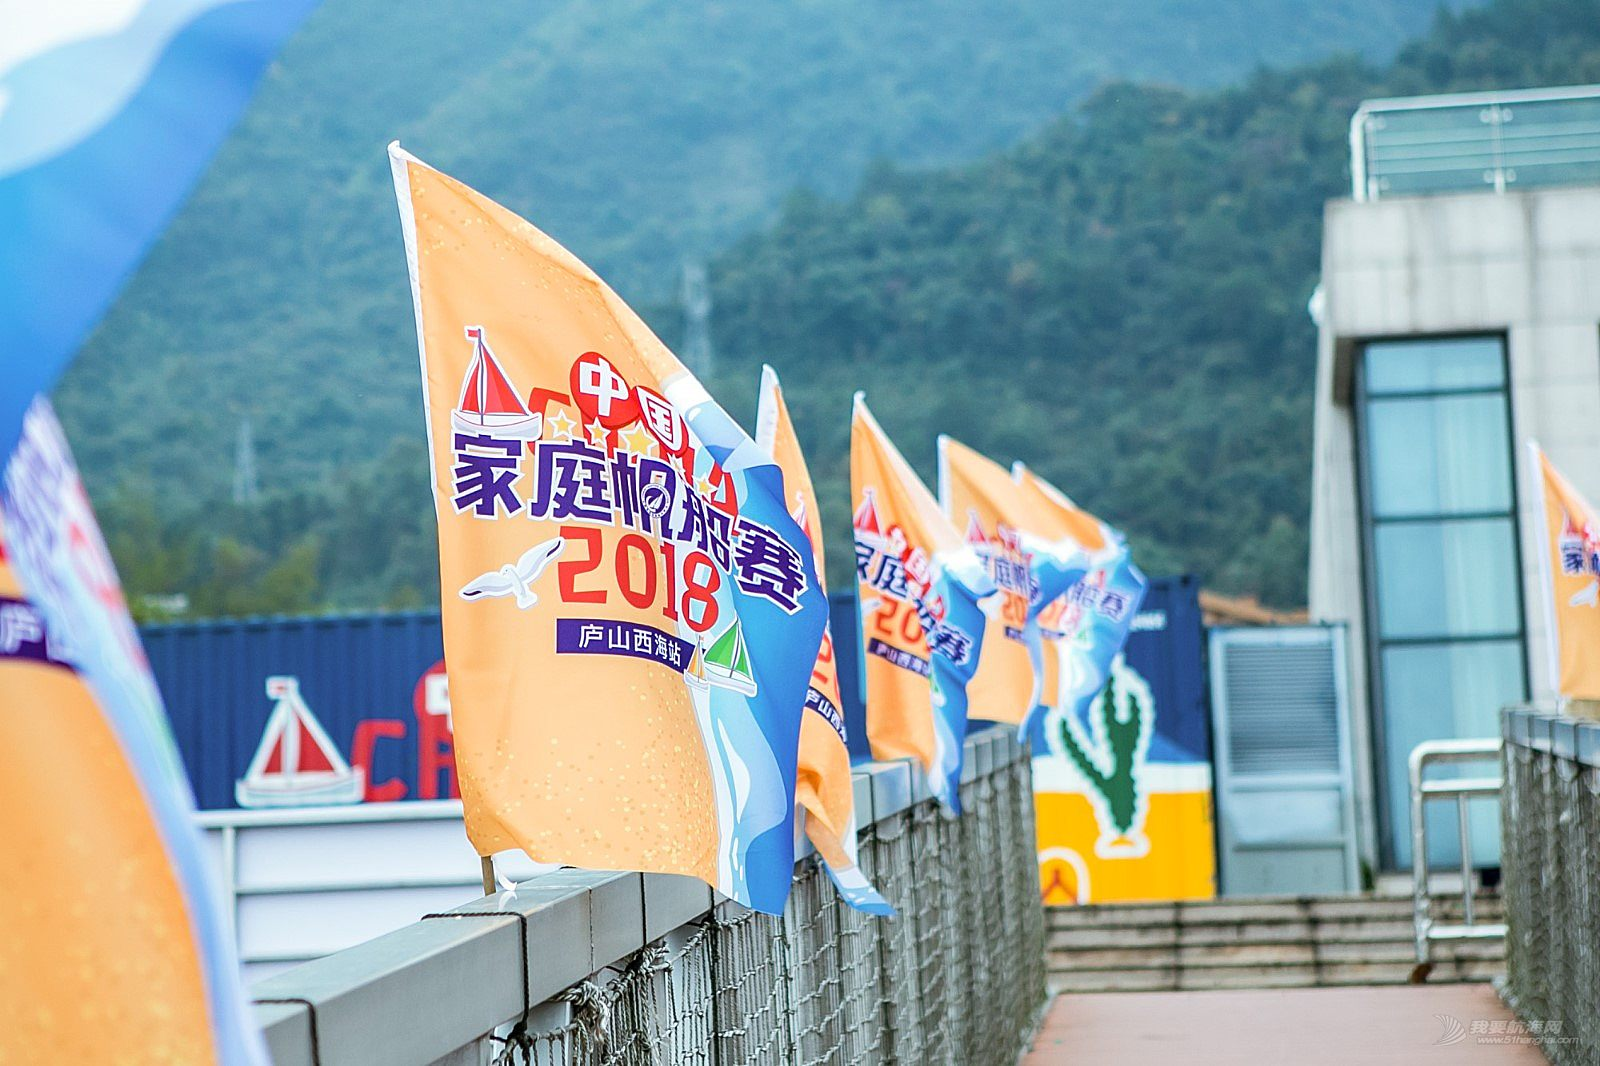 千帆竞渡桃花源,百舸争流西海滨 -中国家庭帆船赛扬帆庐山西海